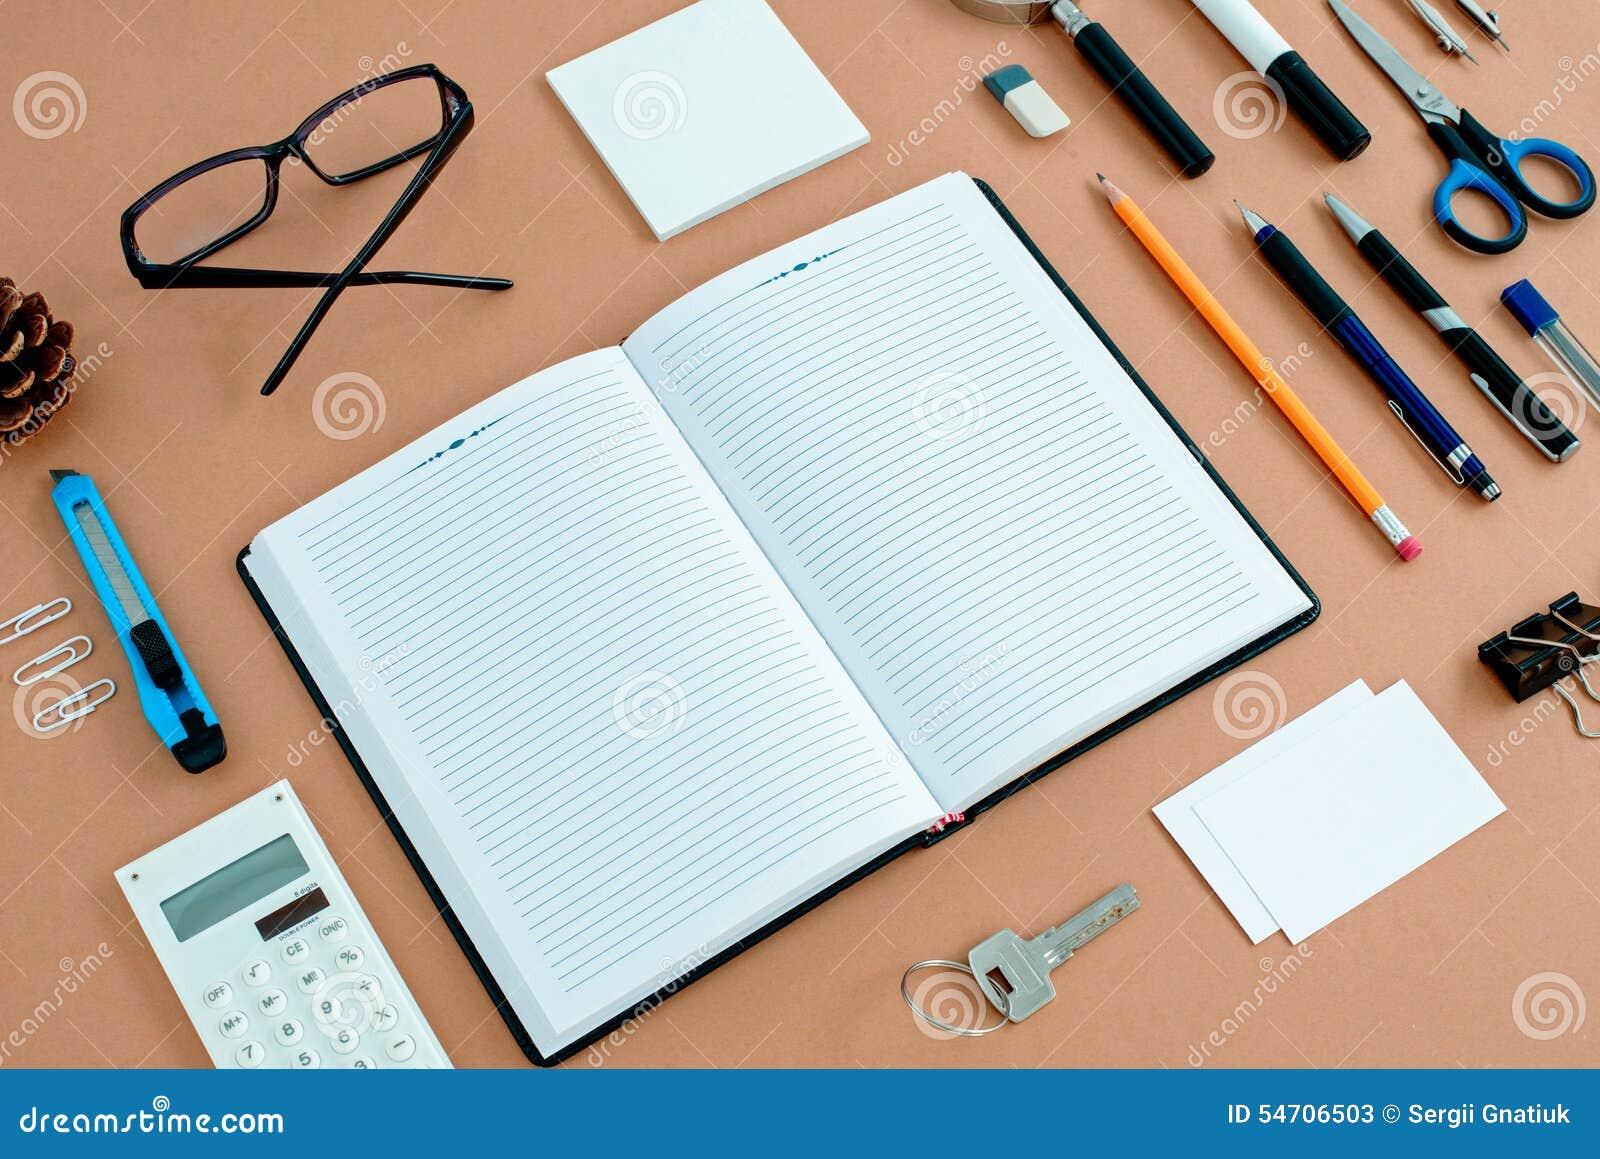 Büroartikel Ordentlich Organisiert Um Notizbuch Stockbild - Bild von ...